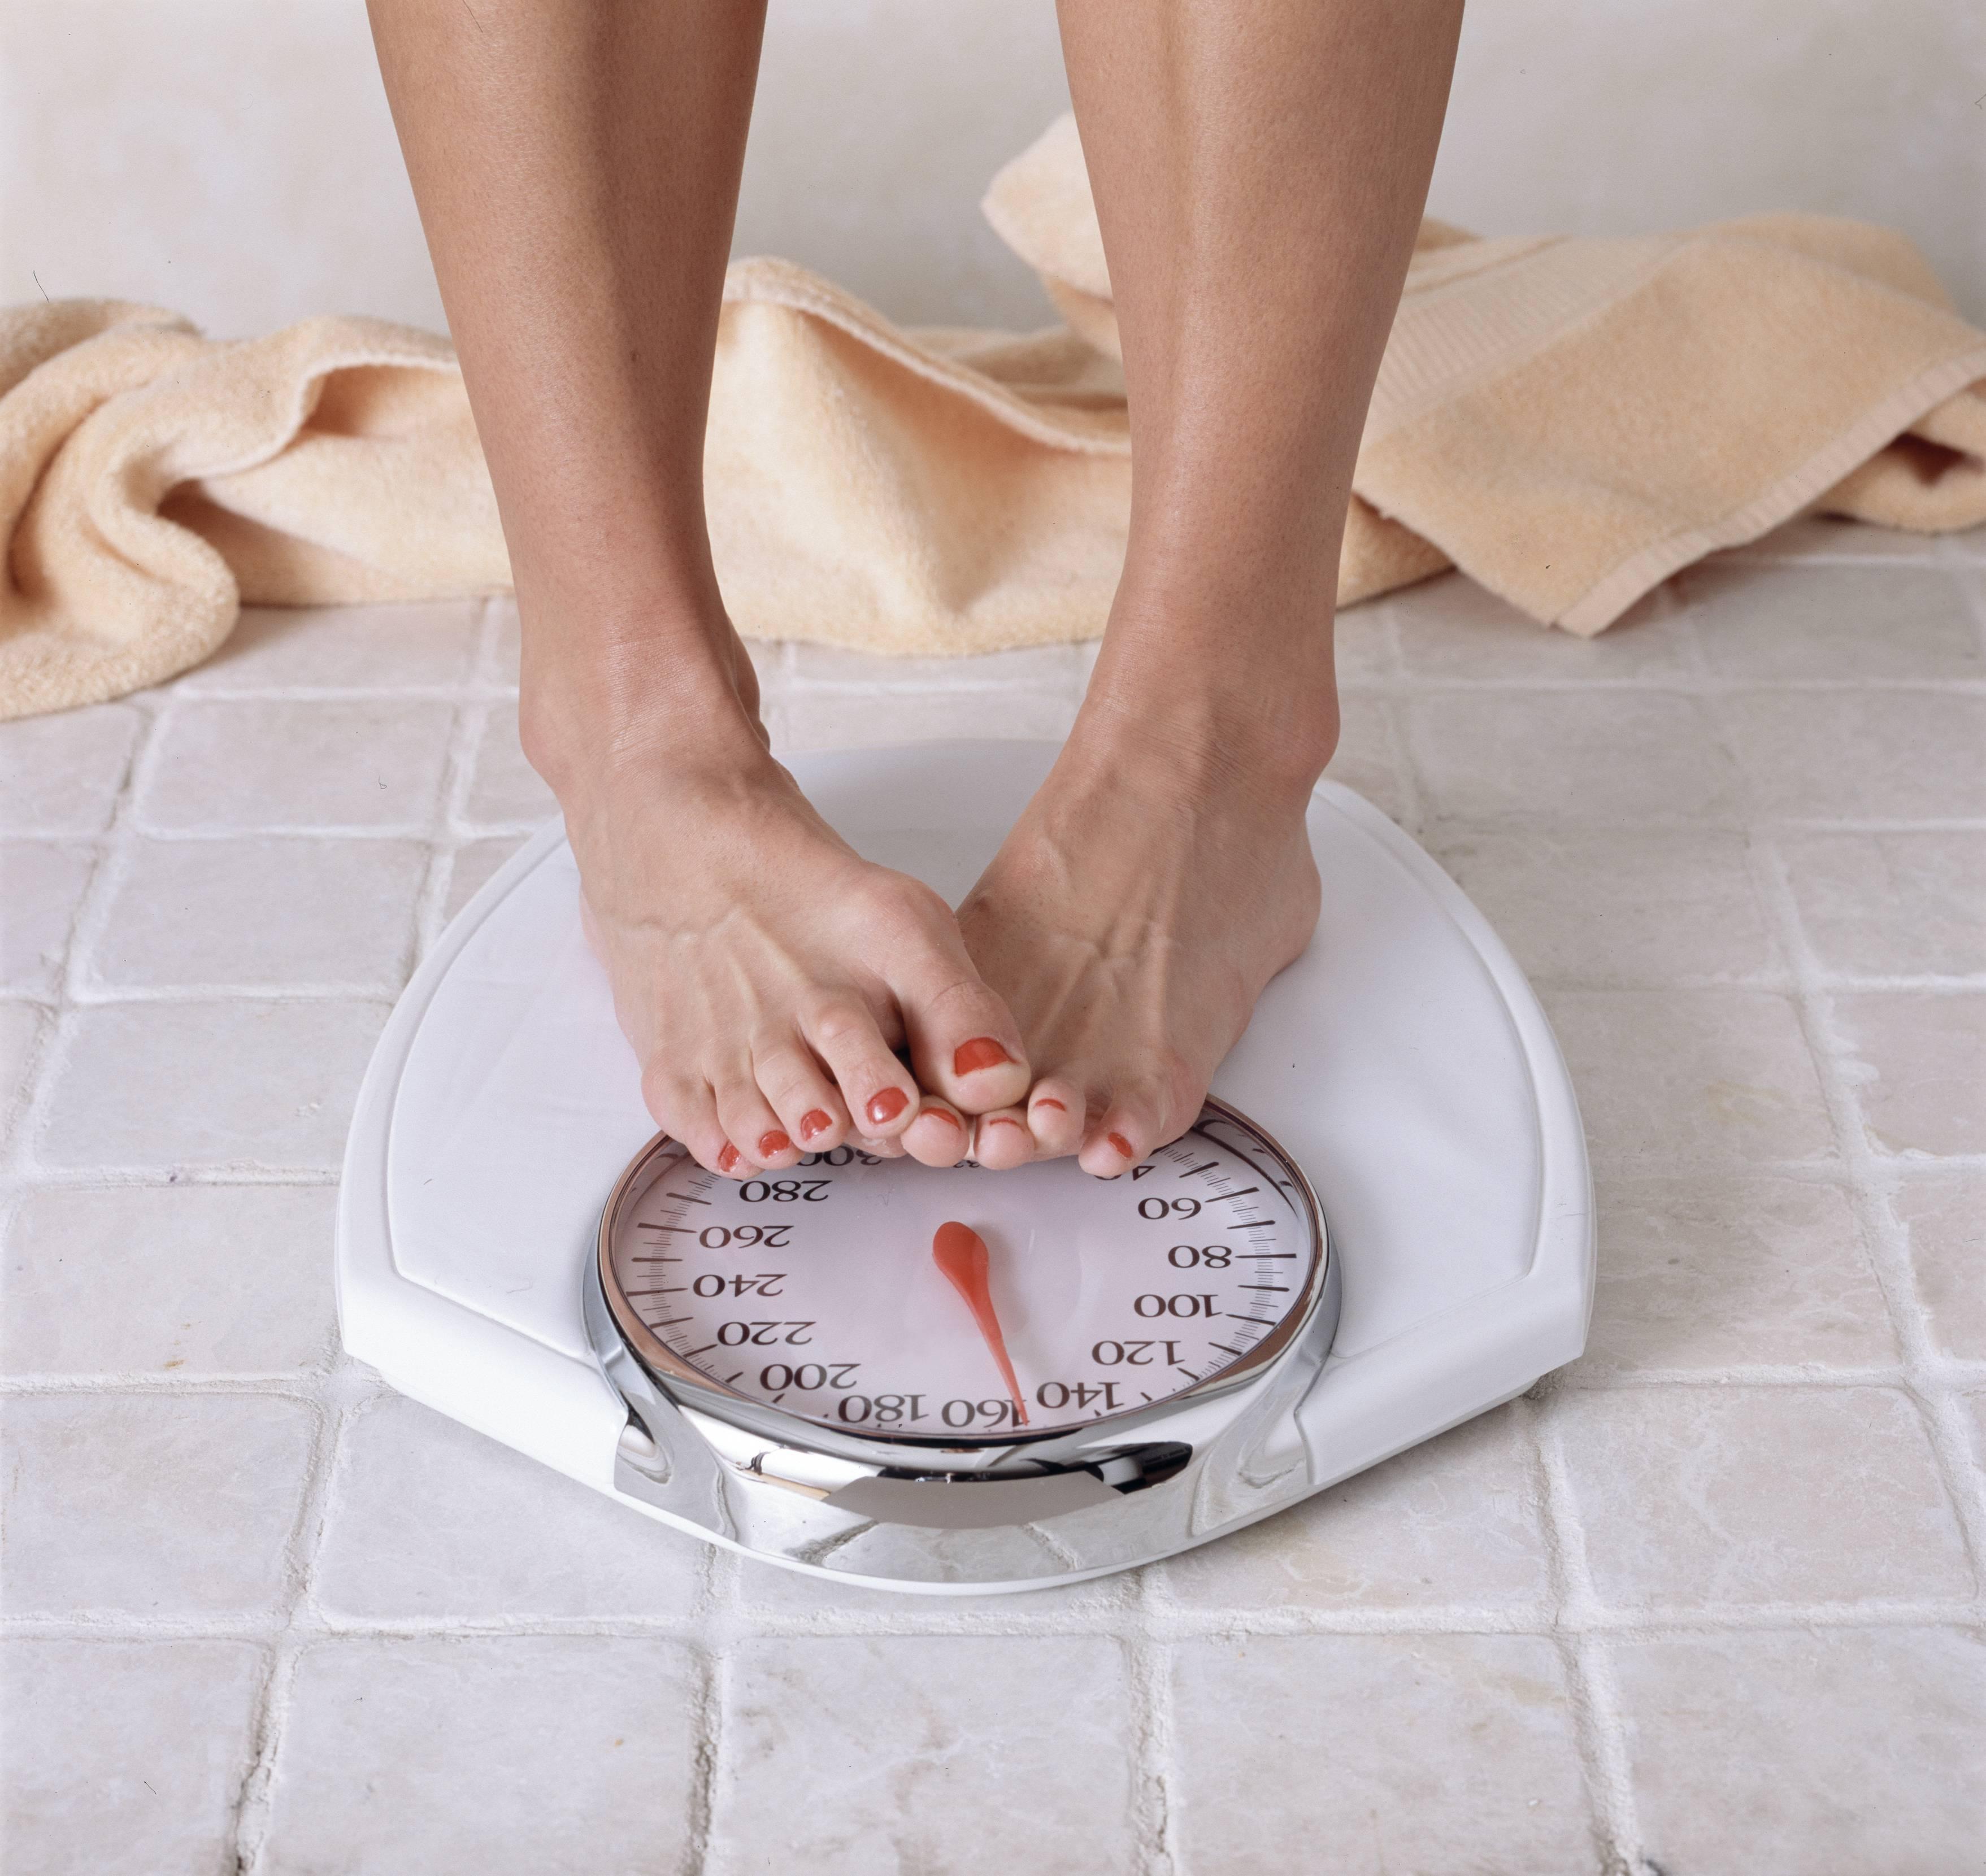 Altro Che Dietetico: l'Alimento Inaspettato che Fa Ingrassare